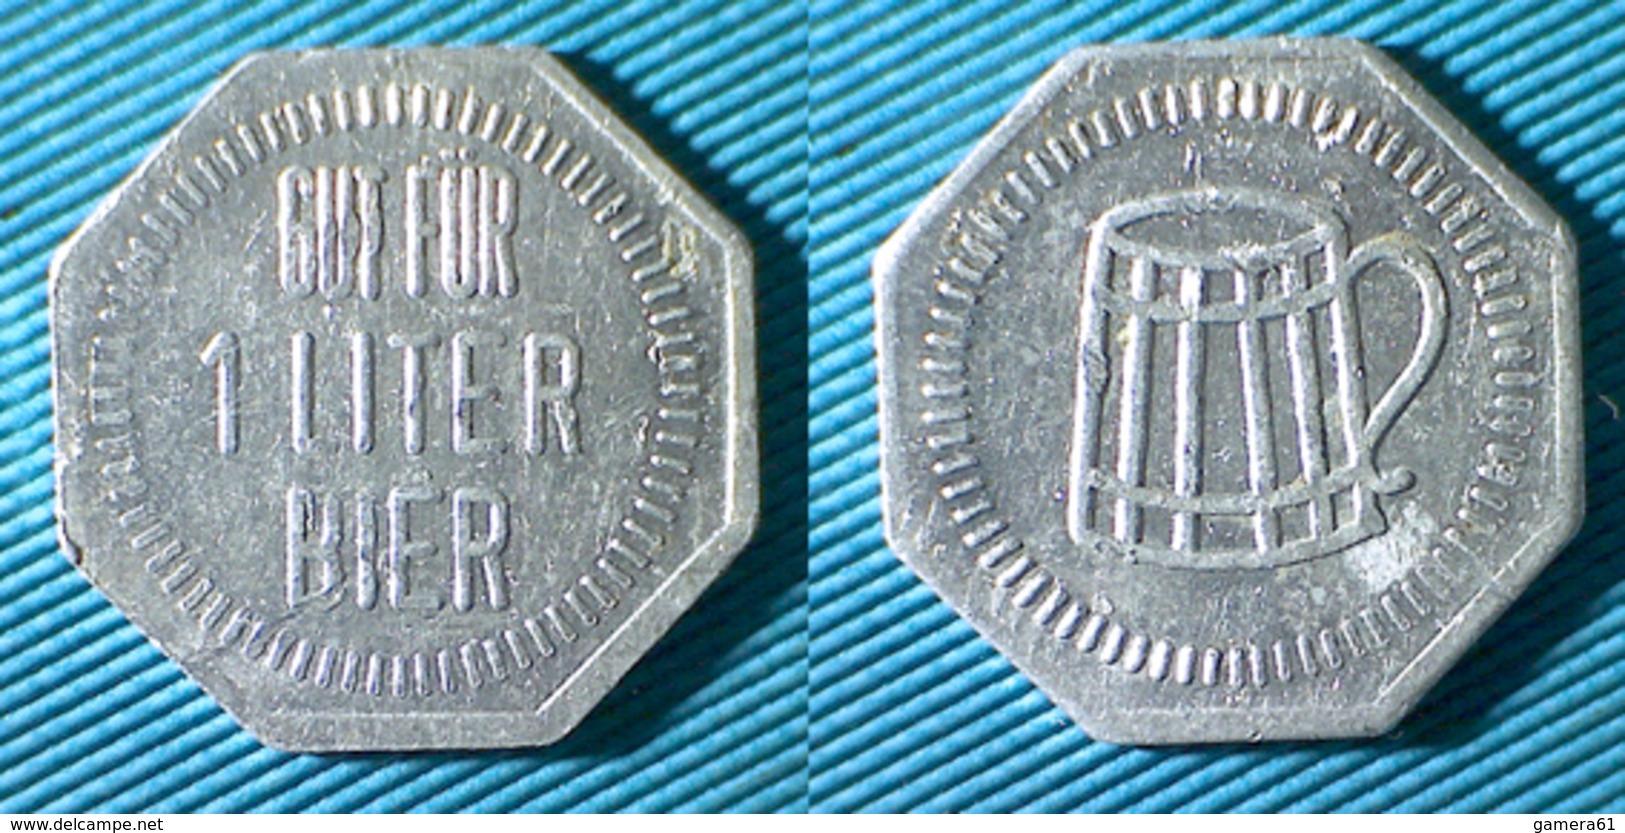 02496 GETTONE TOKEN JETON KANTINE BIRRA BIER GUT FUR 1 LITER BIER ALU - Allemagne